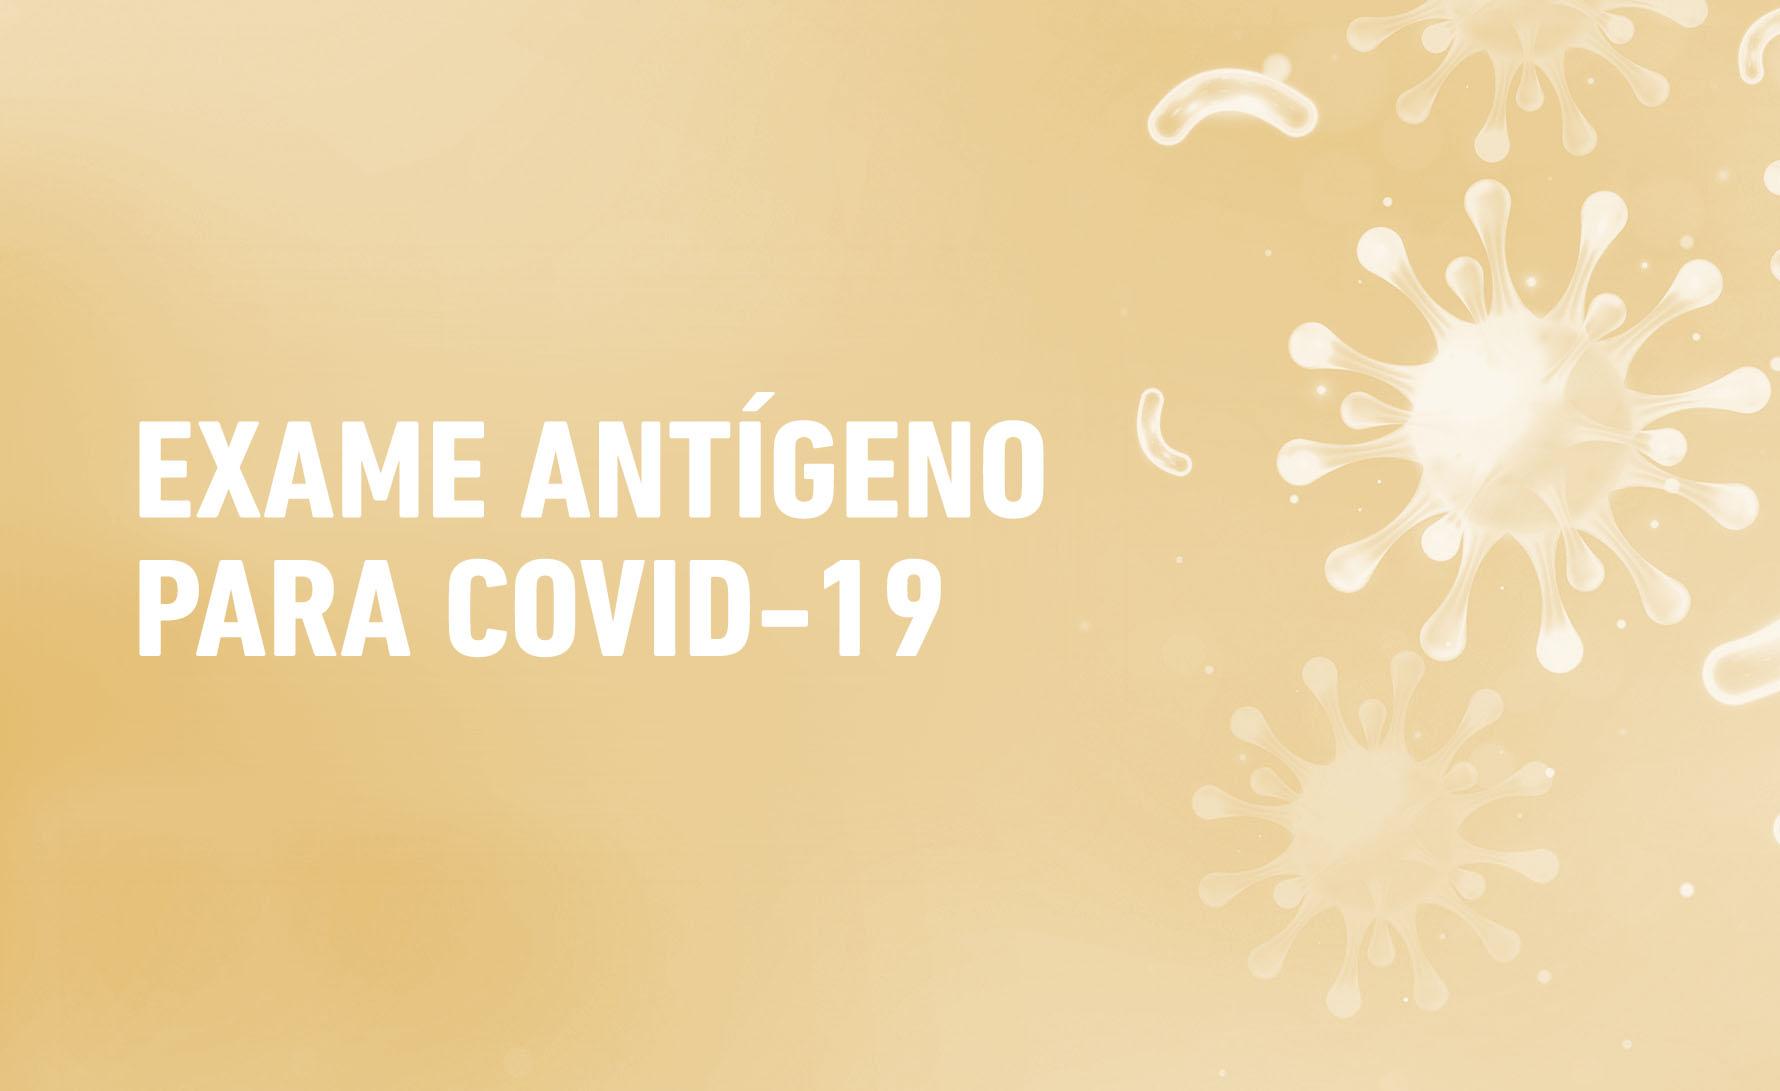 Exame Pesquisa de Antígeno para COVID-19